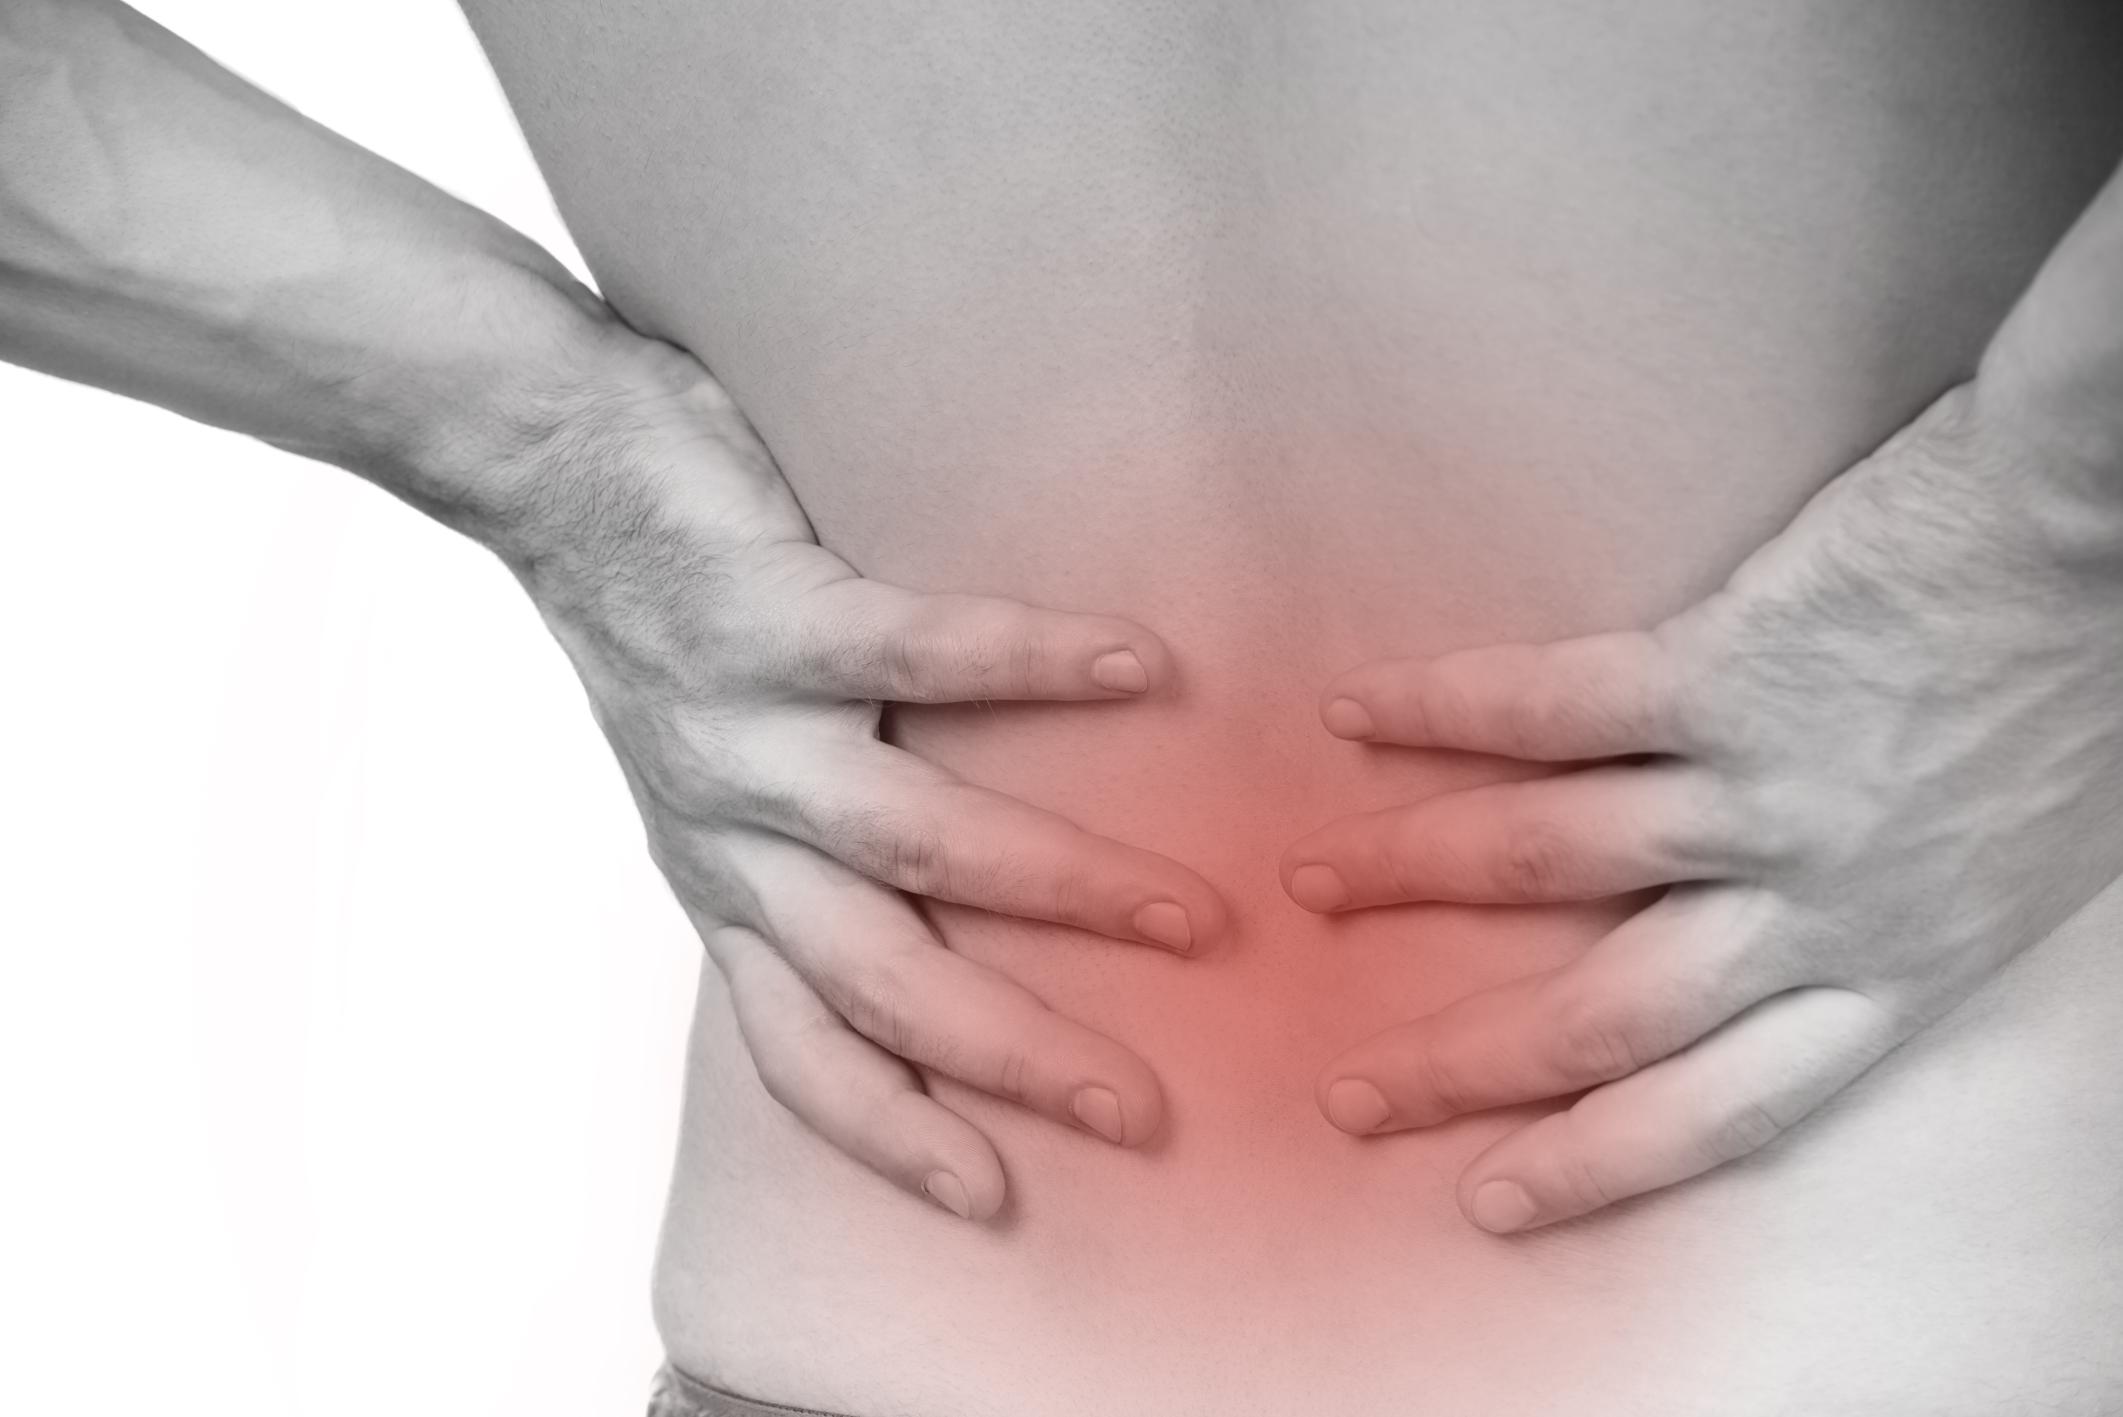 Diffusione osteochondrosis di trattamento di reparto cervicale